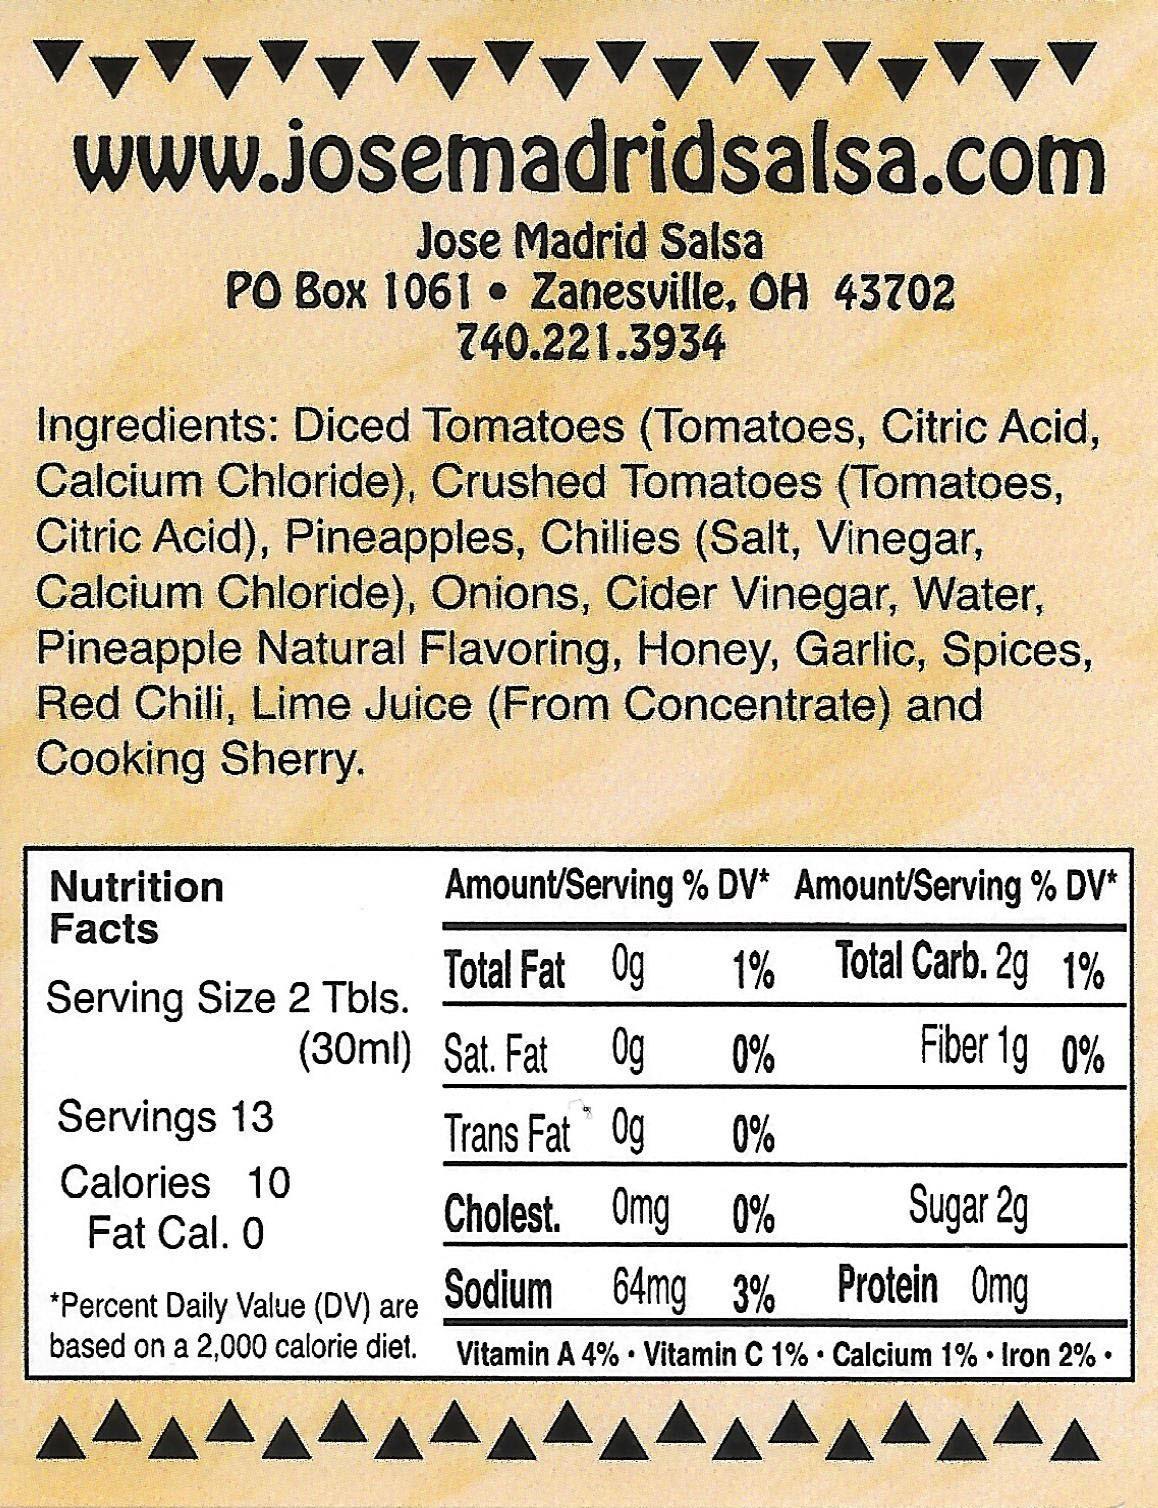 pineapple-mild-ingredients.jpg